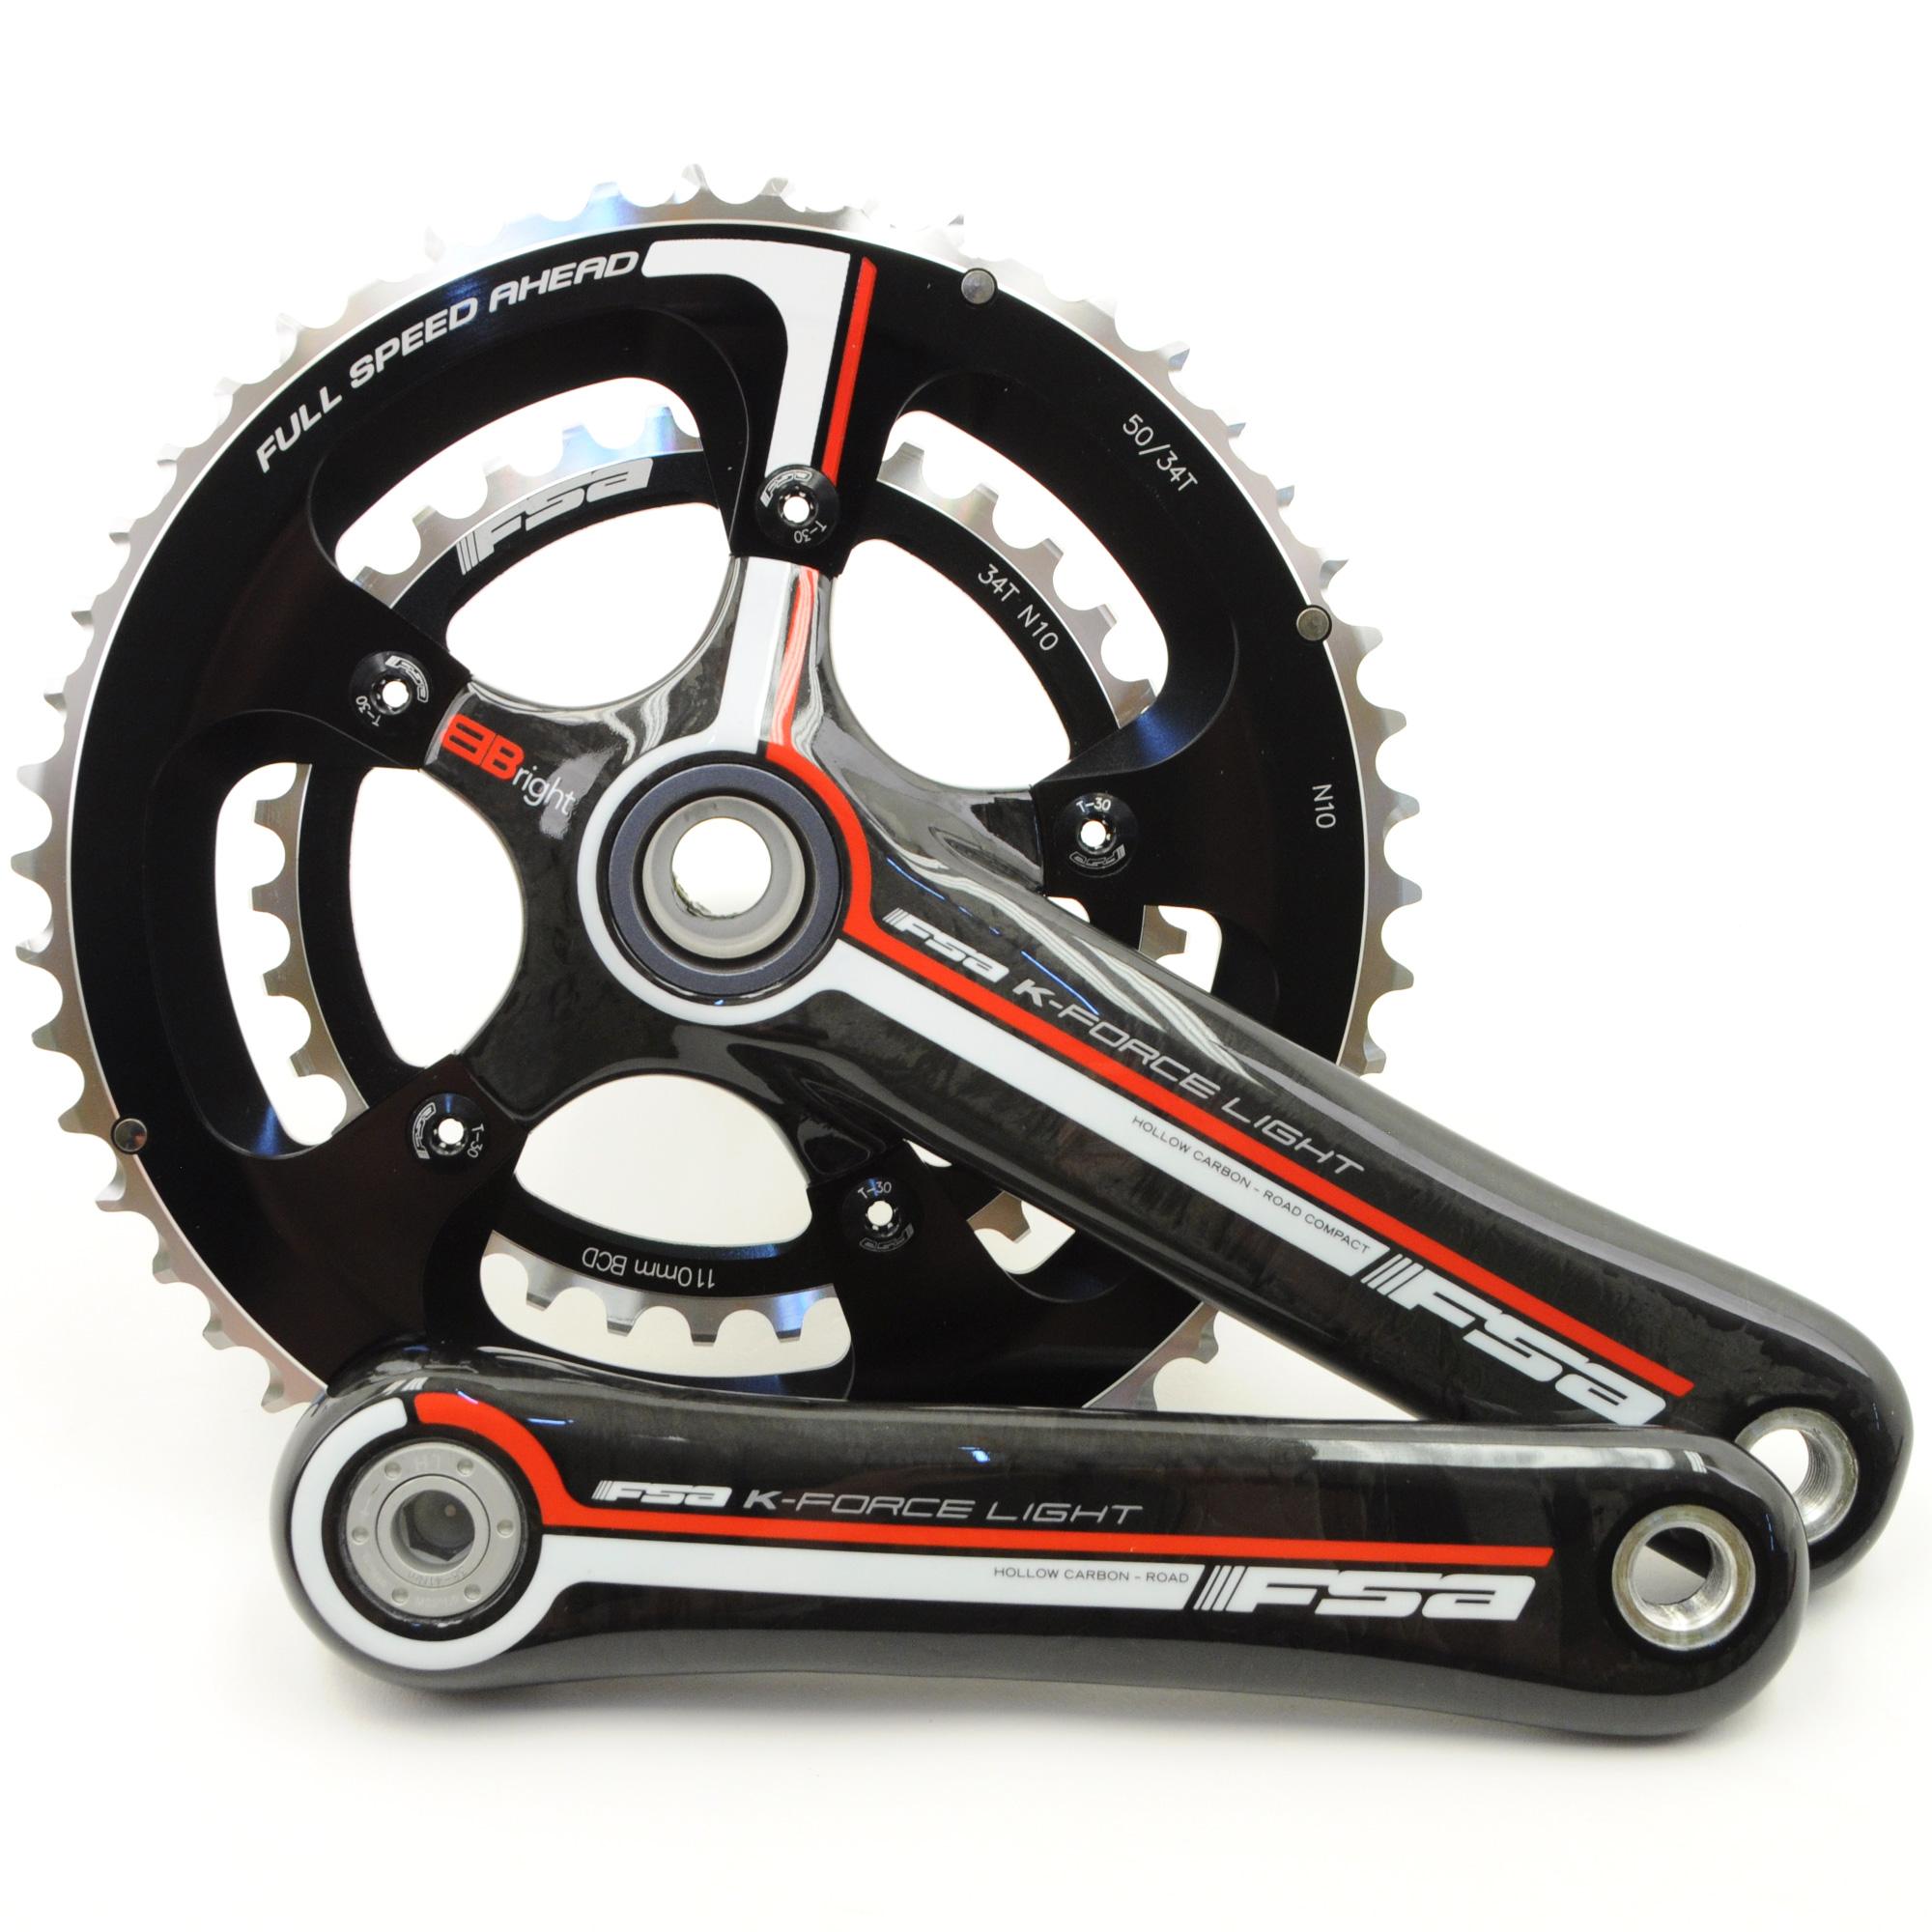 FSA K-Force Light BBright Carbon Road Bike Crankset 50//34 10 Speed 170mm//// Black